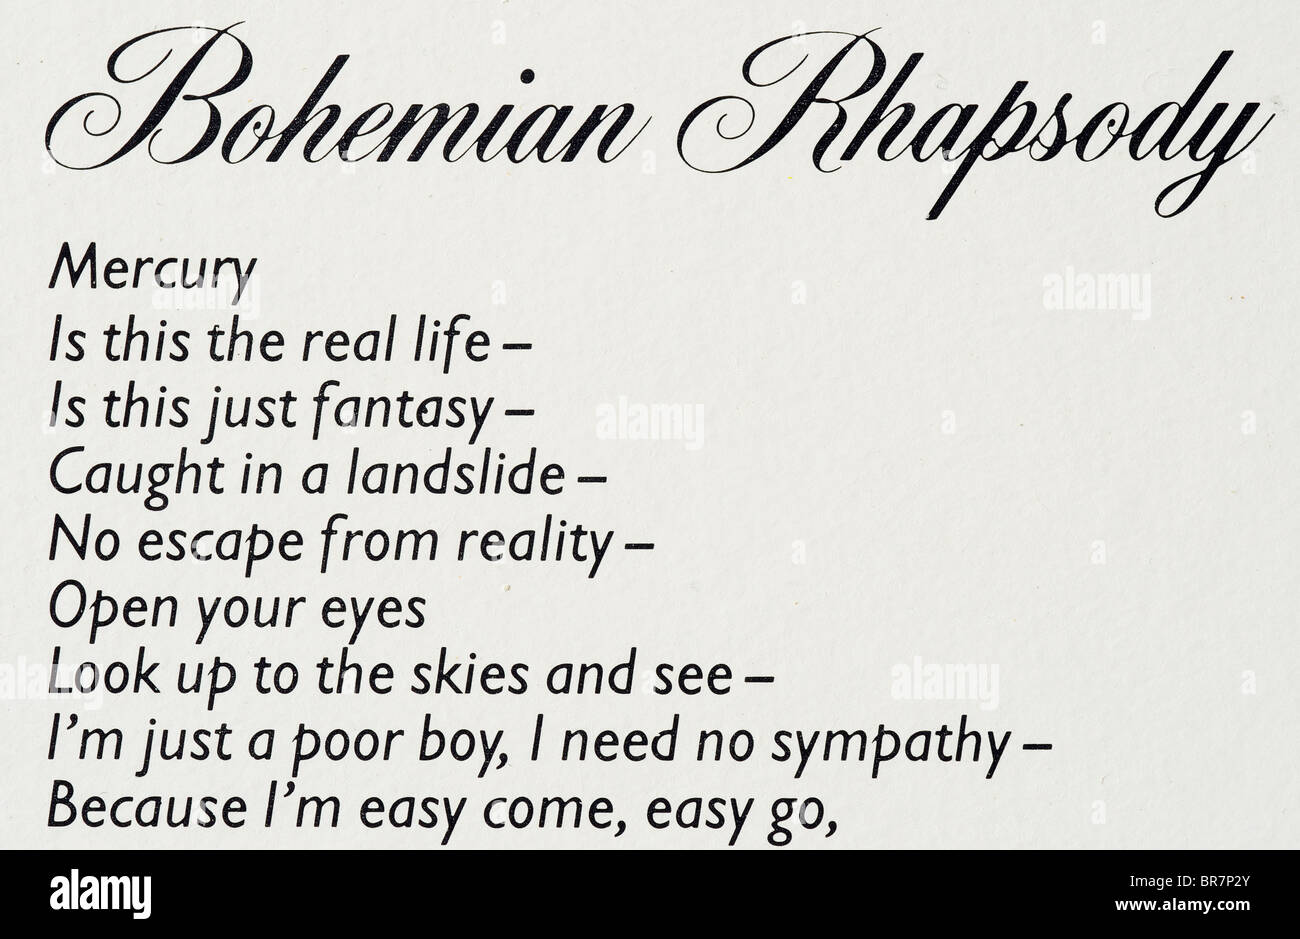 歌詞 bohemian rhapsody